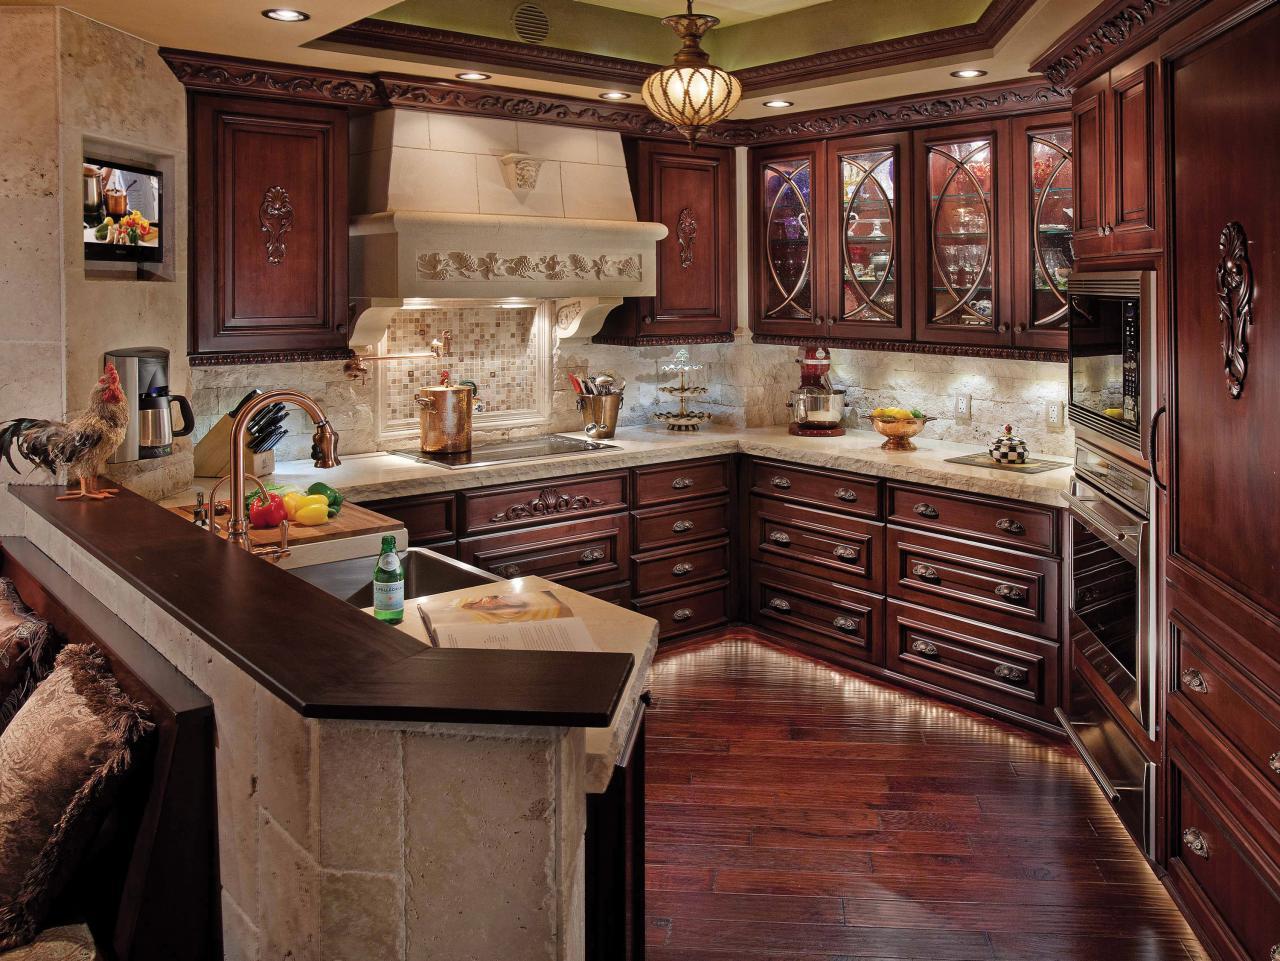 cherry-kitchen-cabinets-at-perfect-1405396090160.jpeg